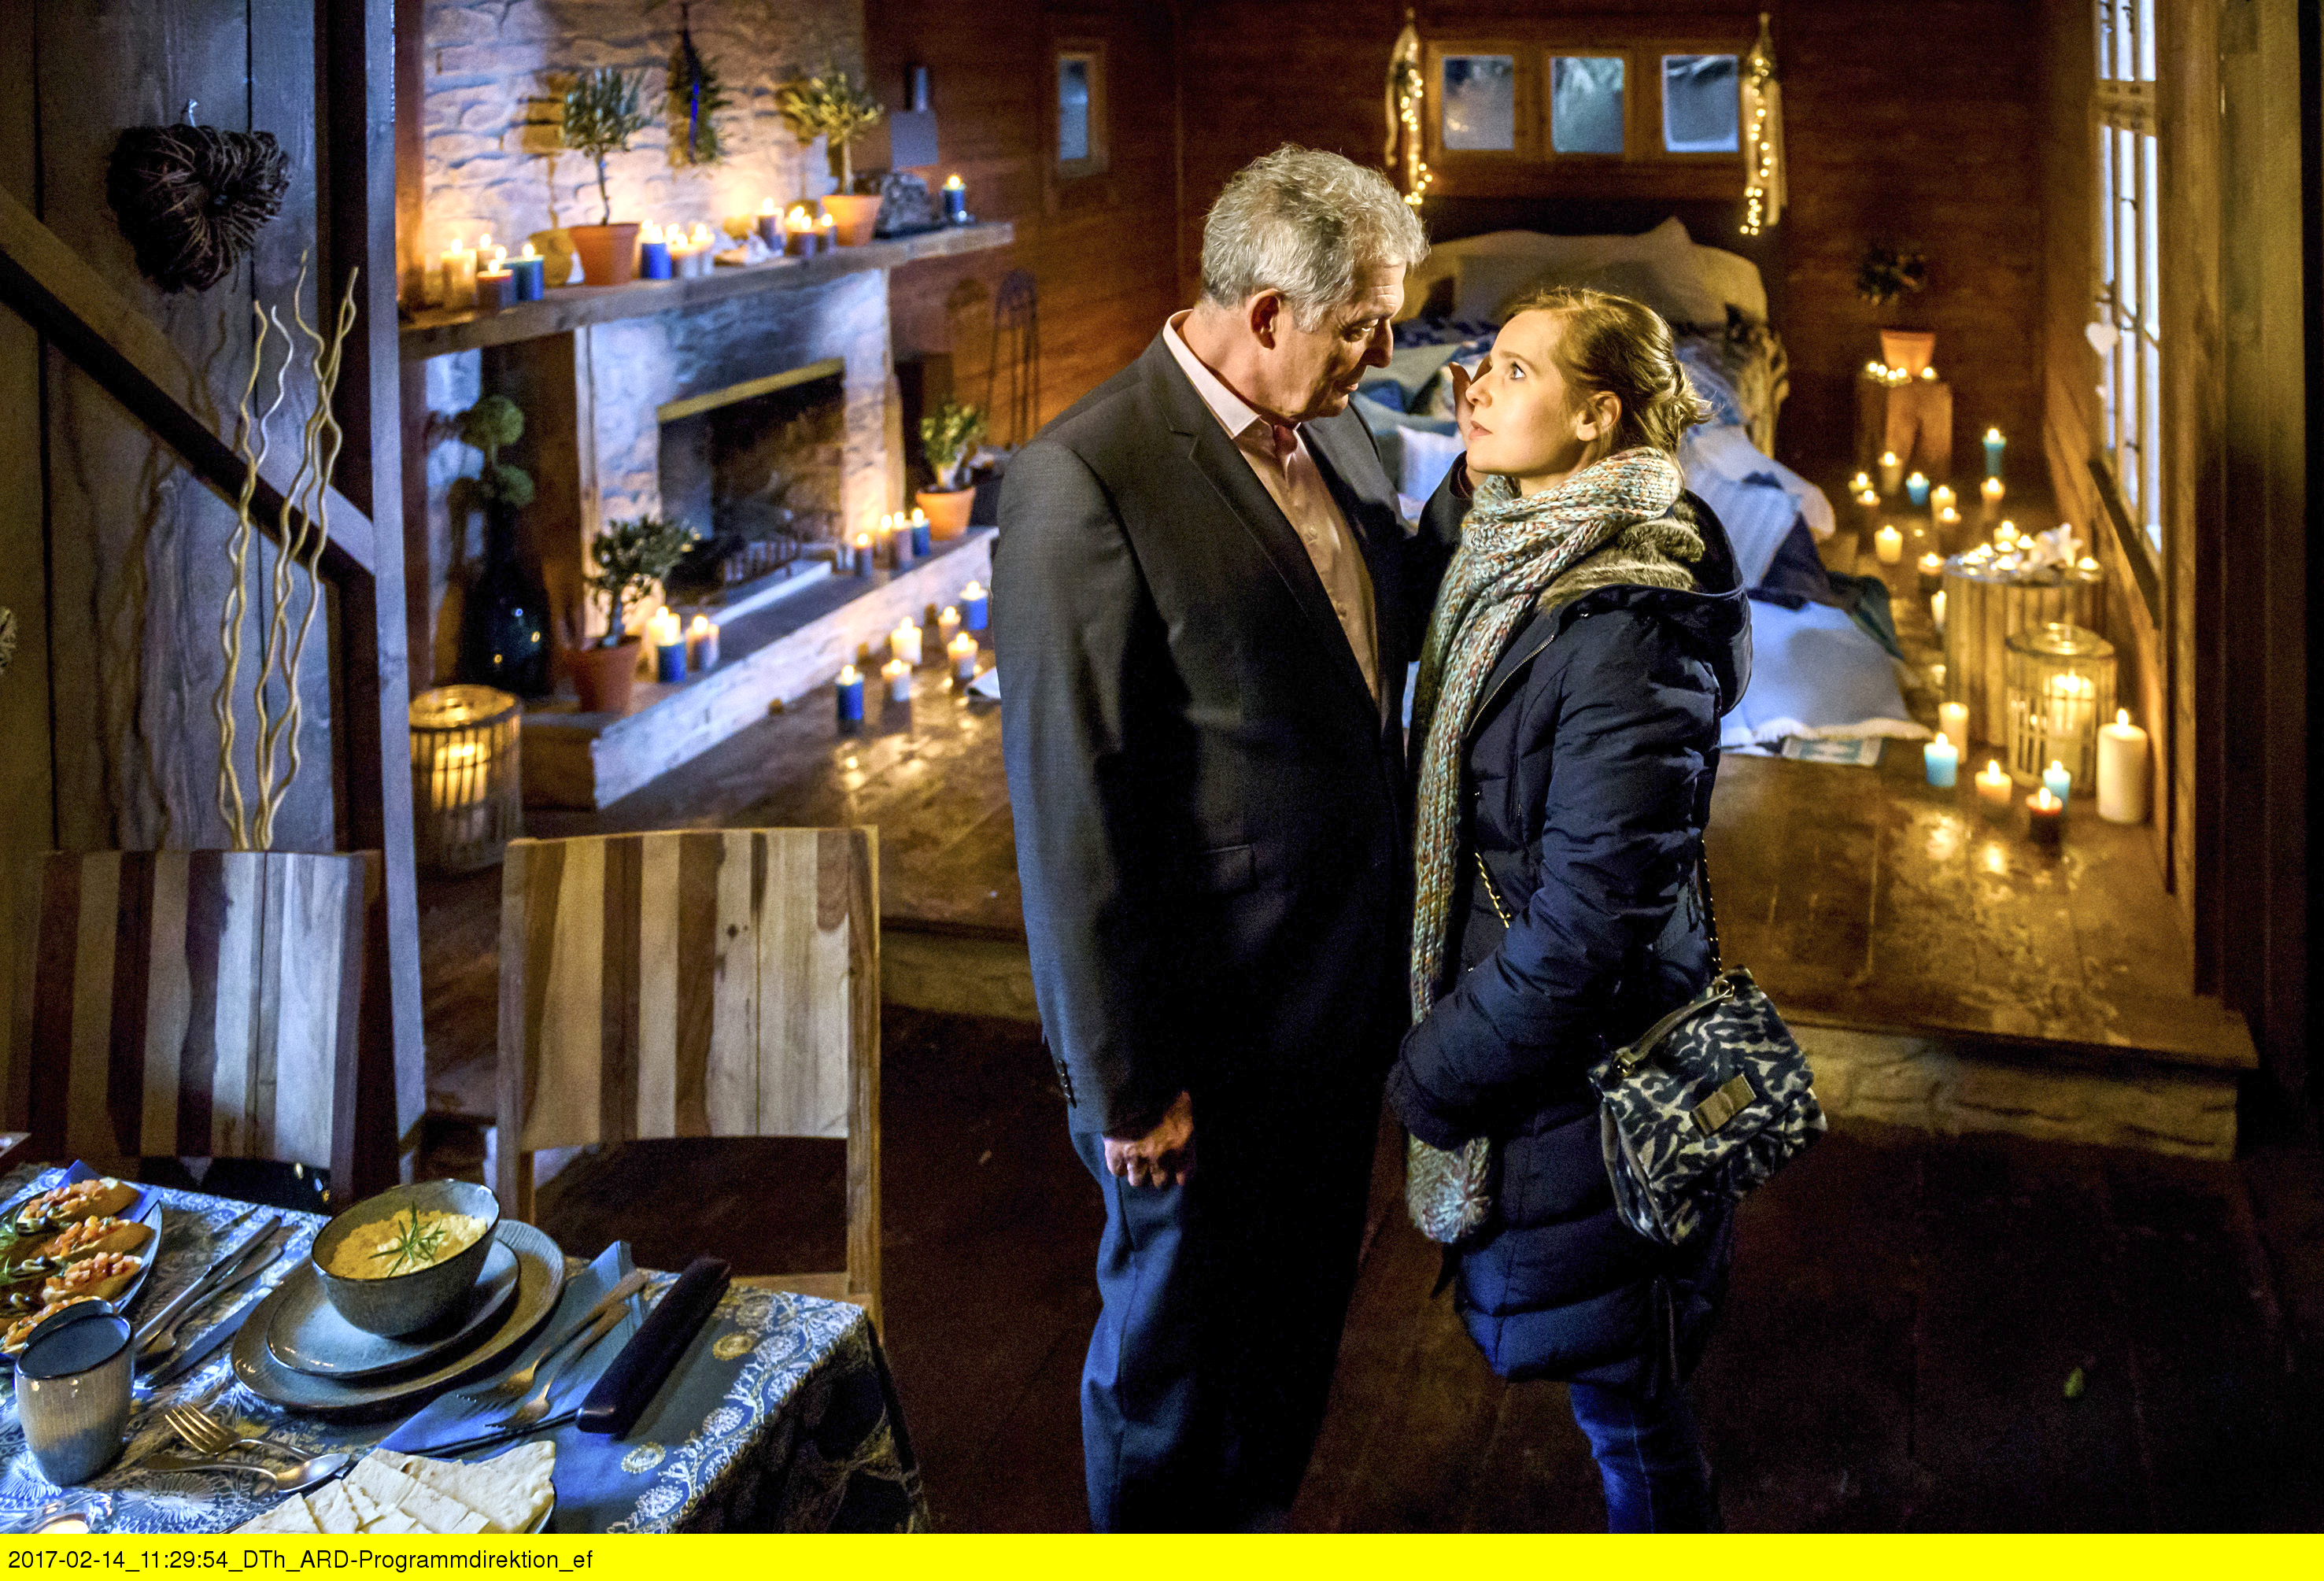 ARD STURM DER LIEBE FOLGE 2655, am Montag (27.03.17) um 15:10 Uhr im ERSTEN. André (Jochim Lätsch, l.) trifft sich mit Melli (Bojana Golenac, r.) in der Romantikhütte, die er extra im sardischen Stil hat schmücken lassen. (Quelle: ARD/Christof Arnold)